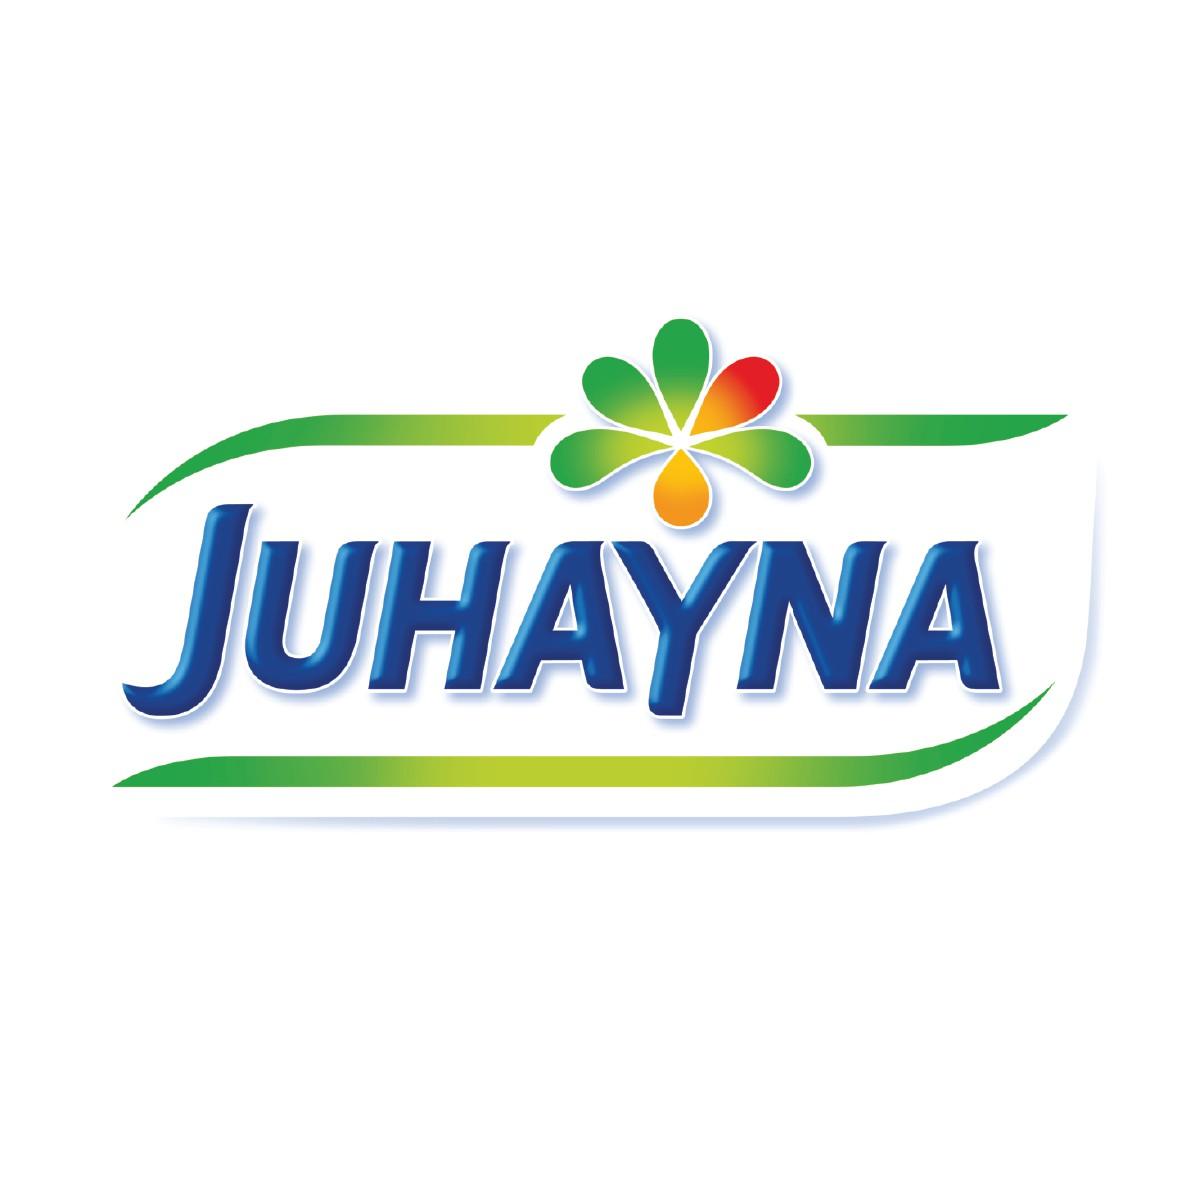 juhayna-logo